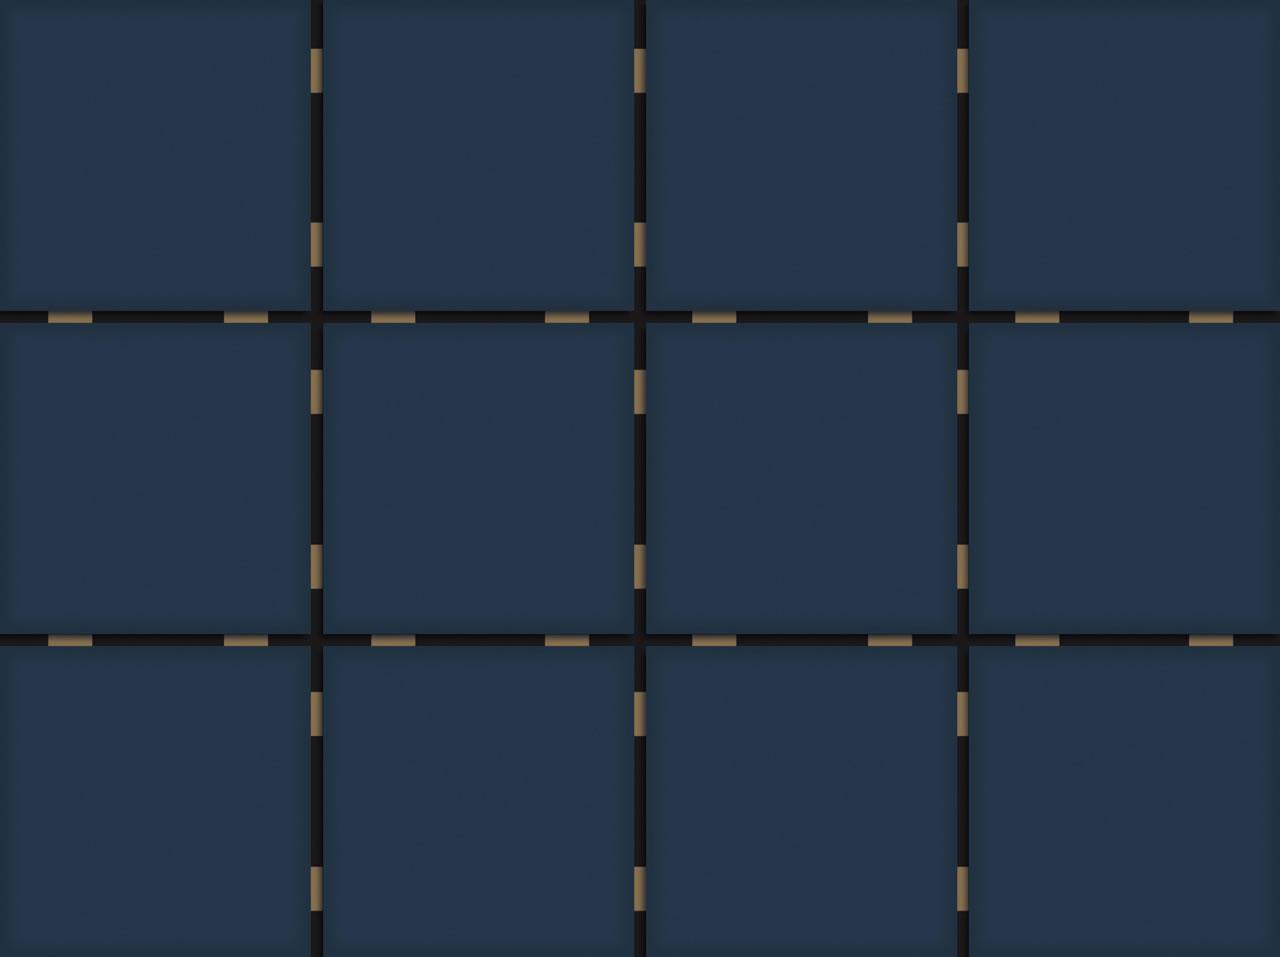 galeria marinho mesh br 10×10